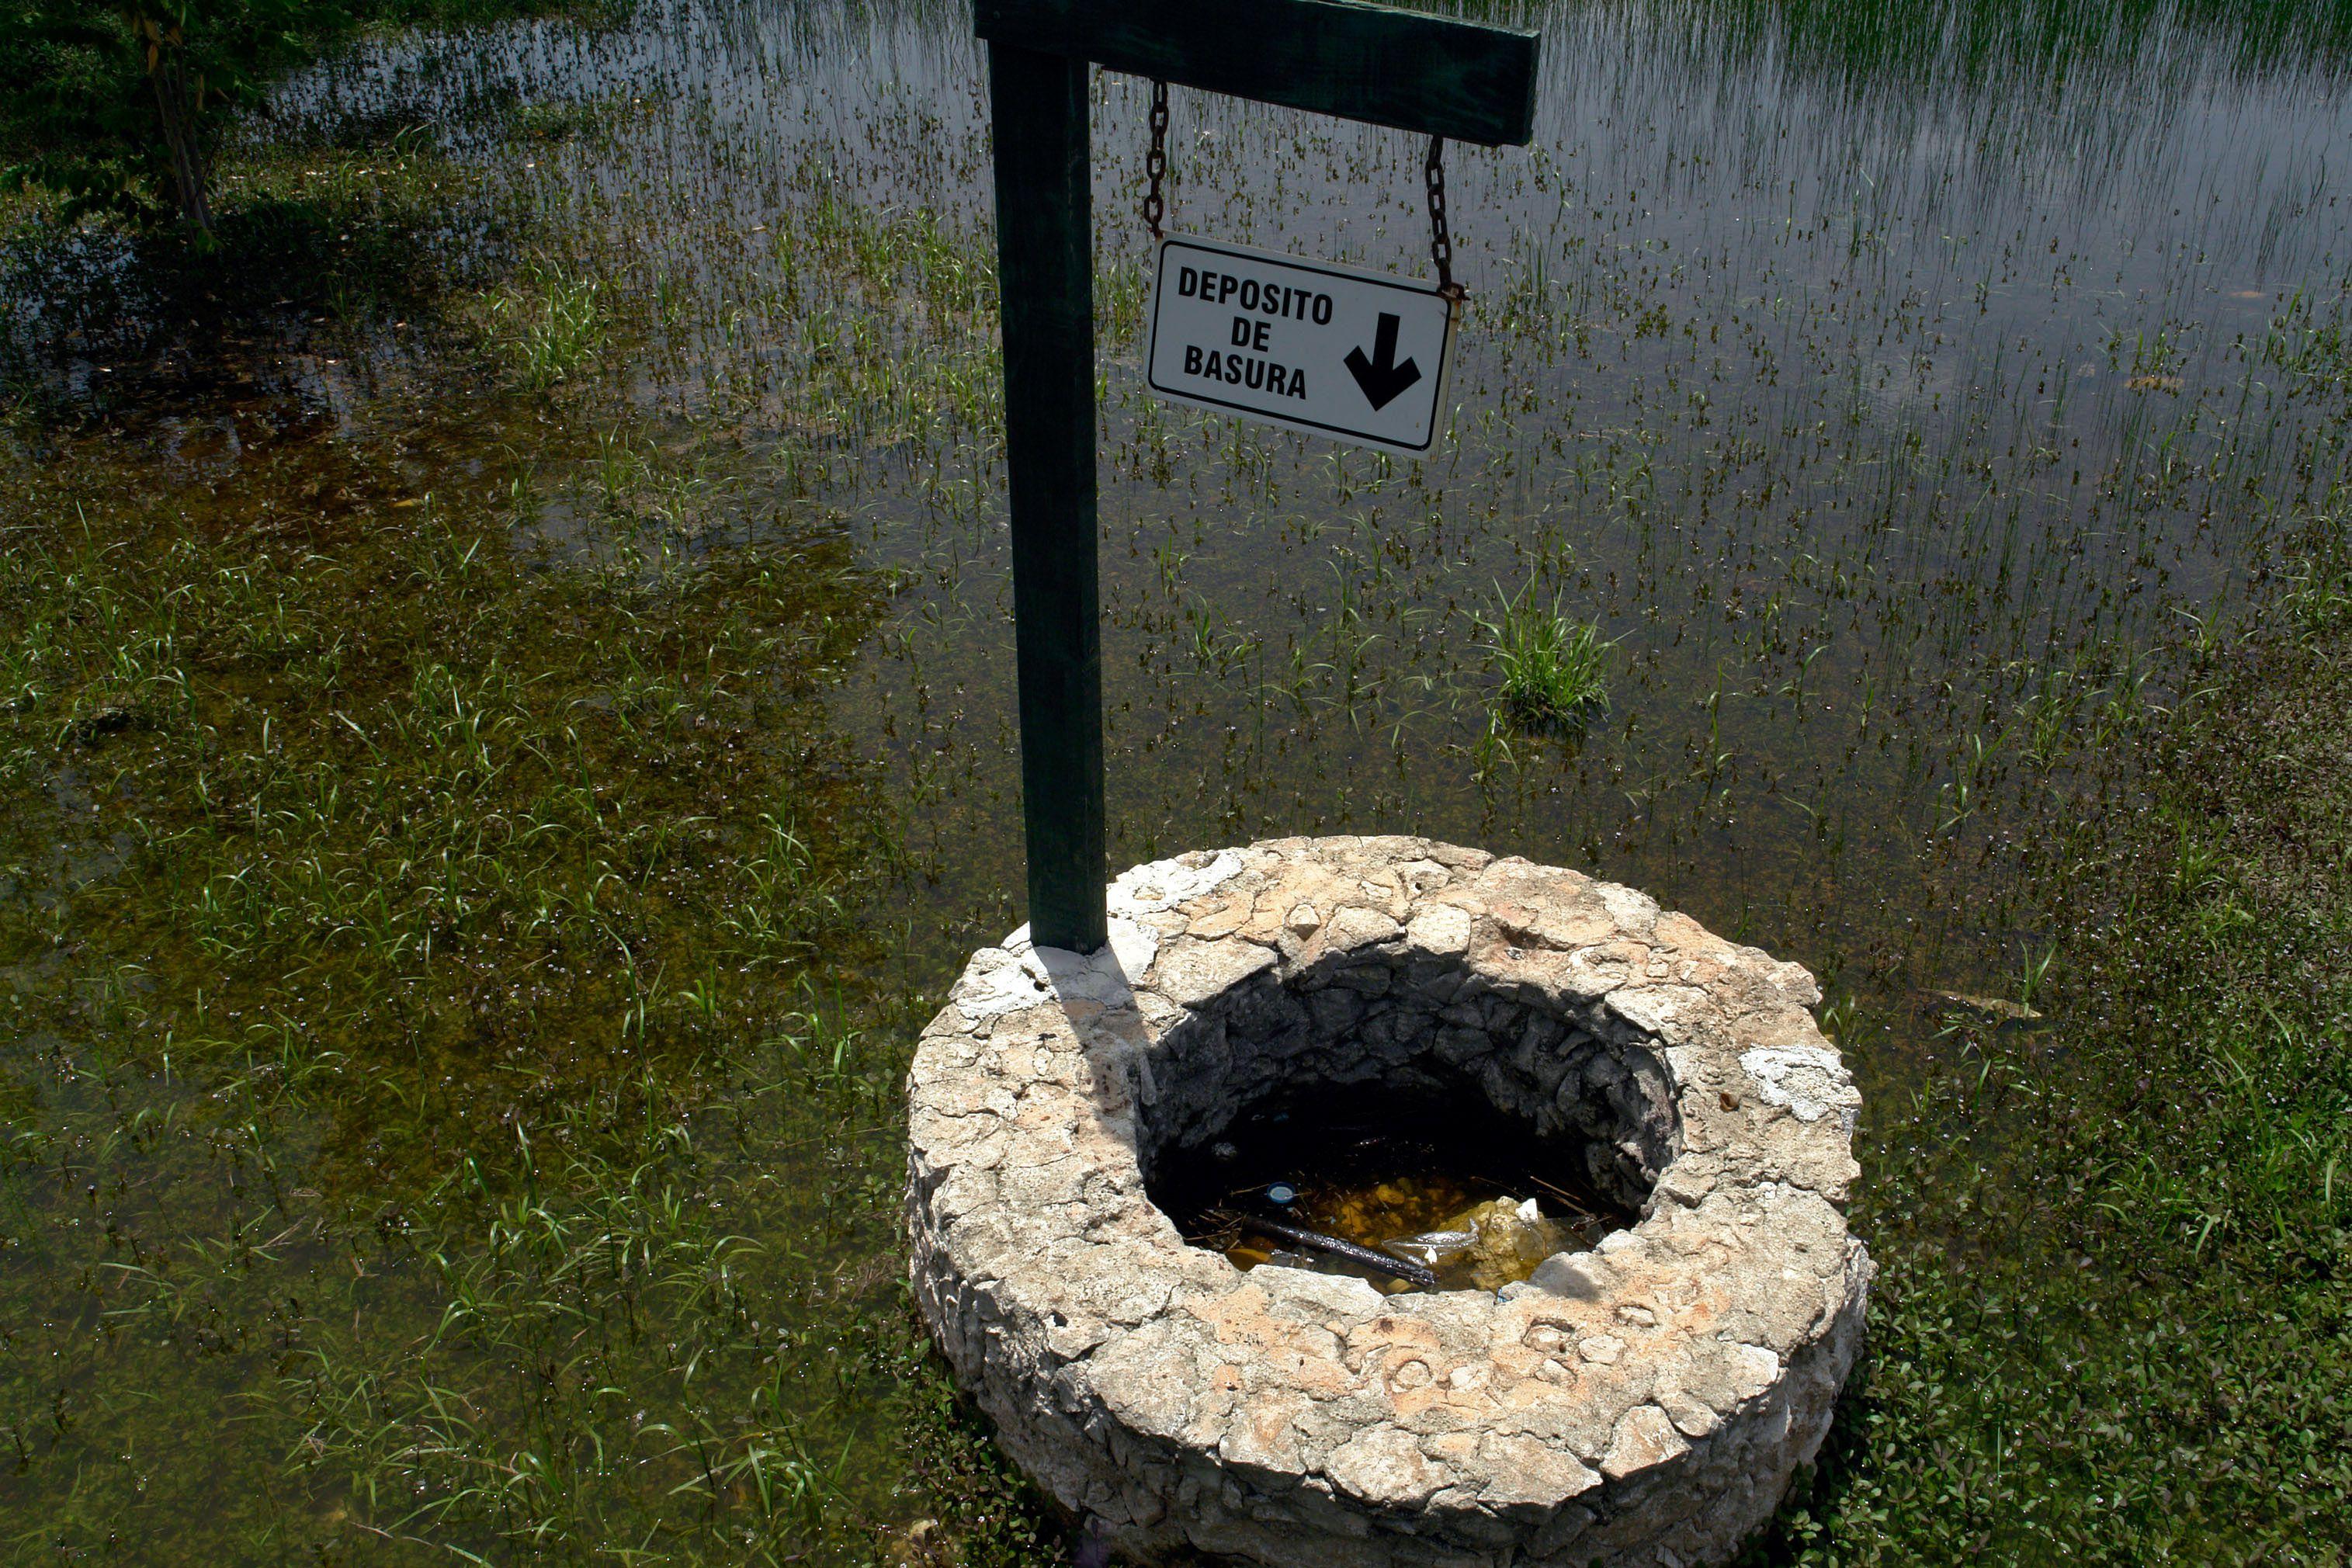 MERIDA, YUCATAN, 23JULIO2010.- Personal de sanidad, realiz— acciones de limpieza en terrenos bald'os, calles  y parques para retirar la maleza y chatarra que provoca la acumulaci—n de agua y basura que sirve como criadero de moscos, lo cual esta afectando a los yucatecos ya que se presentan m‡s de 600 casos de dengue en el estado FOTO: FRANCISCO BALDERAS/CUARTOSCURO.COM